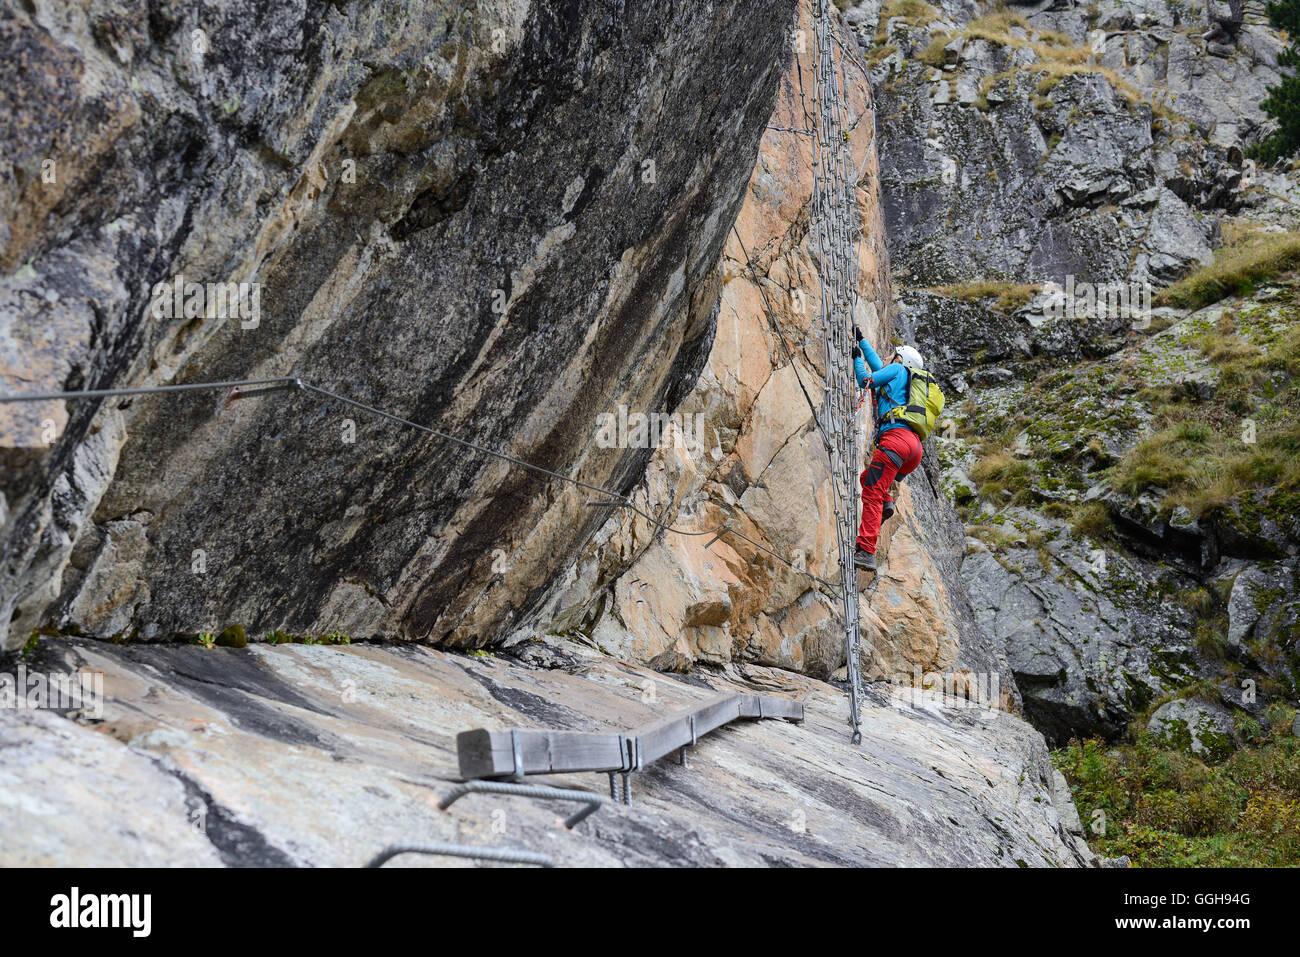 Klettersteig Schweiz : Die besten einsteiger klettersteige der schweiz indenbergen